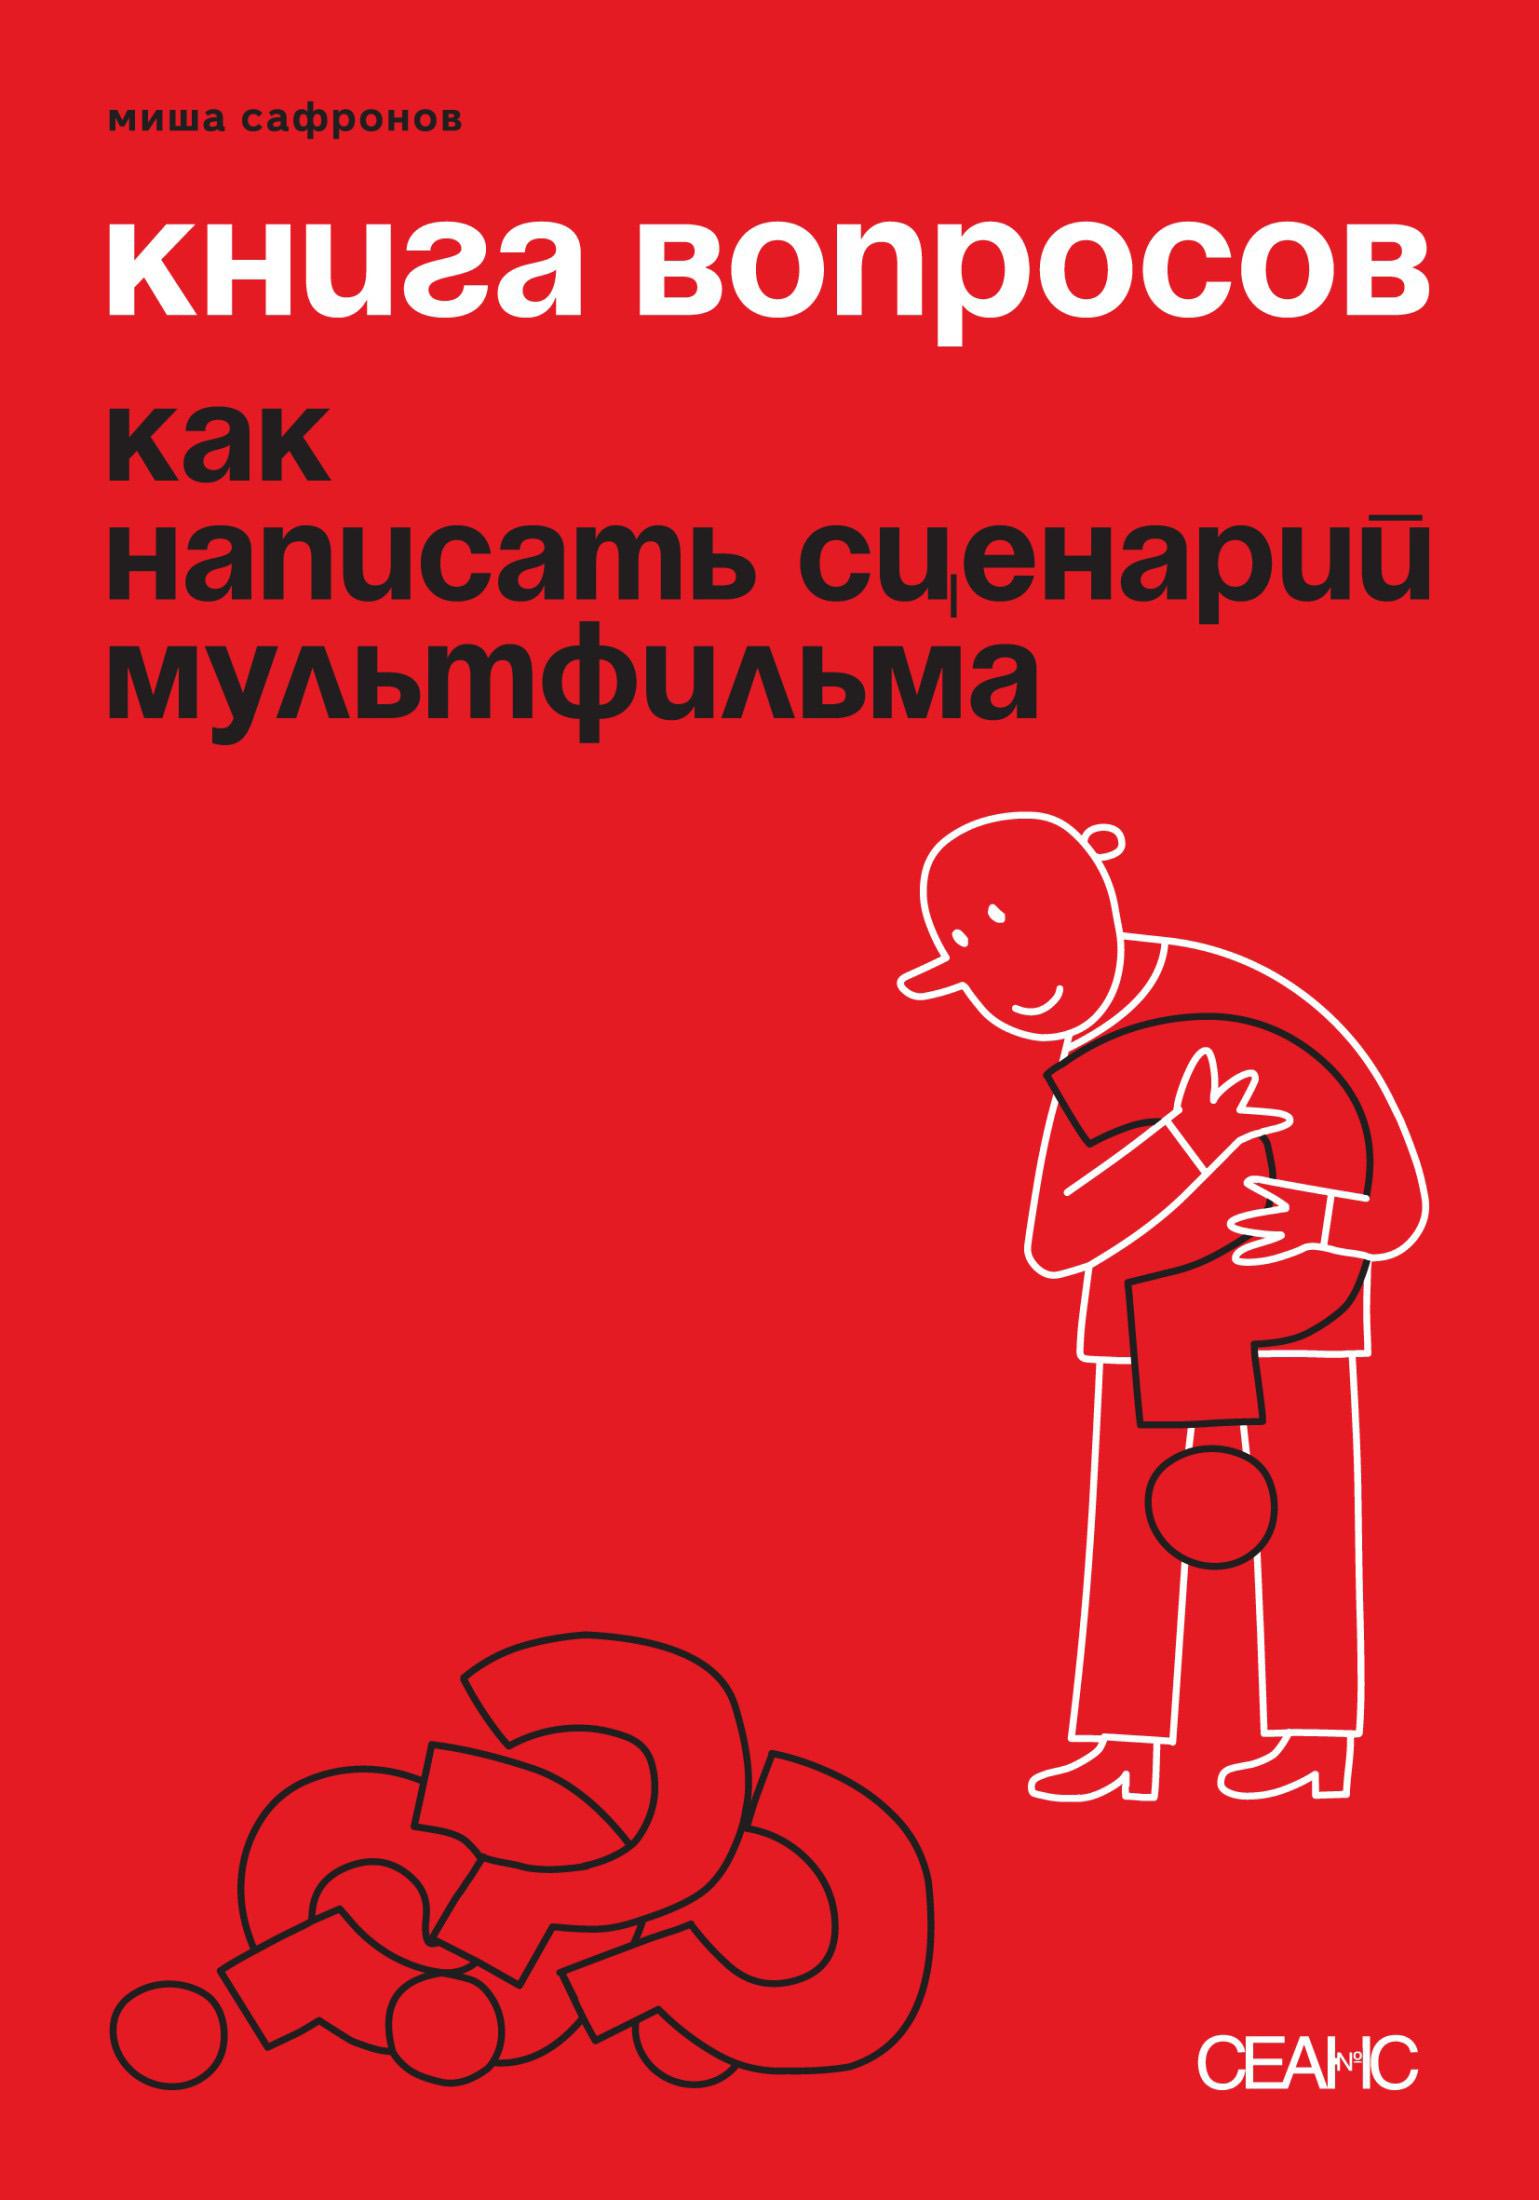 Миша Сафронов Книга вопросов. Как написать сценарий мультфильма